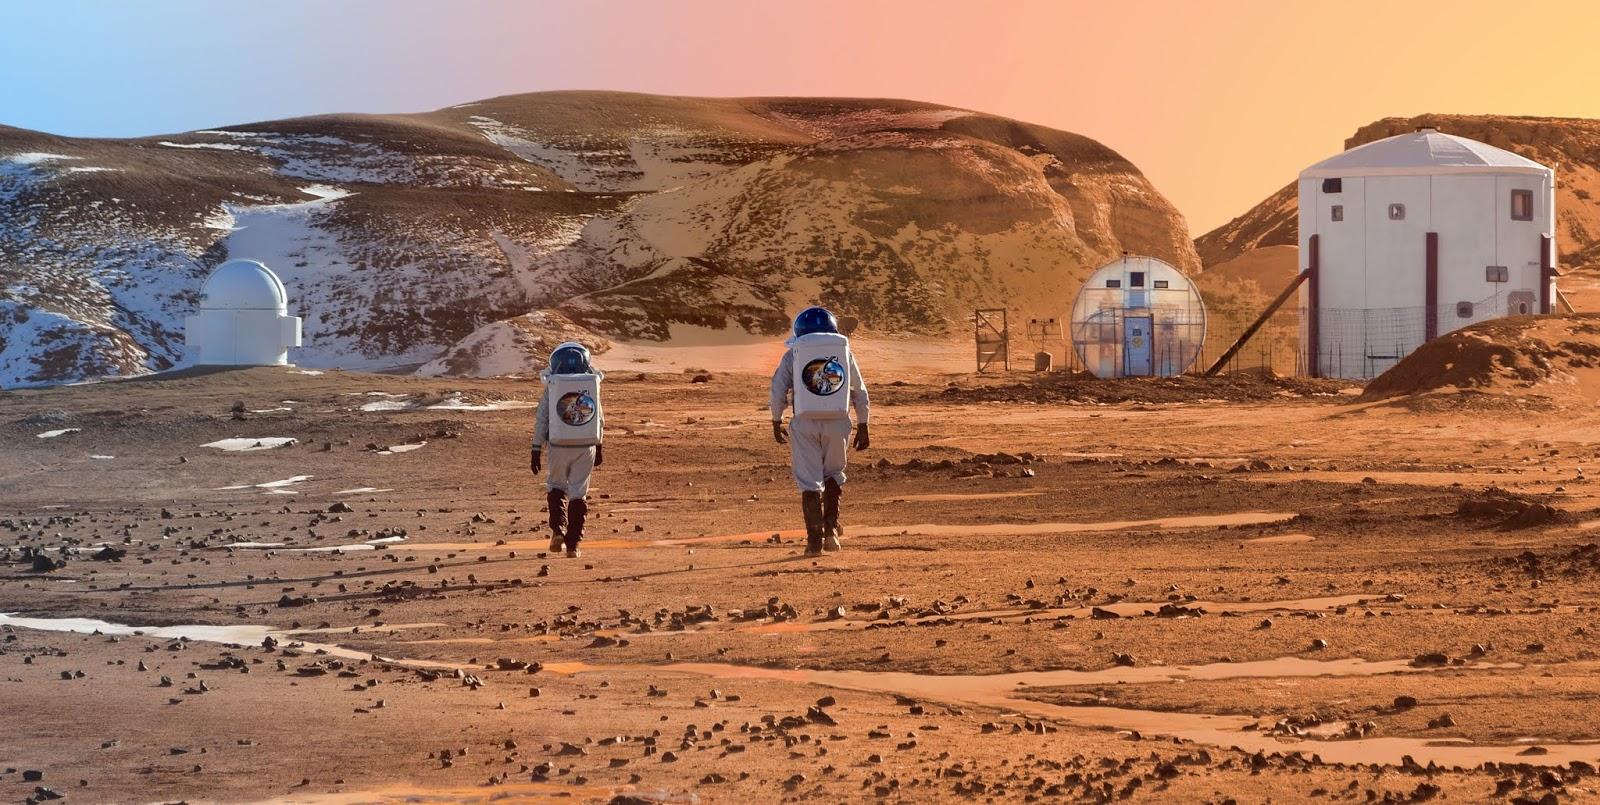 Inilah 7 Kemiripan Antara Bumi dan Planet Mars